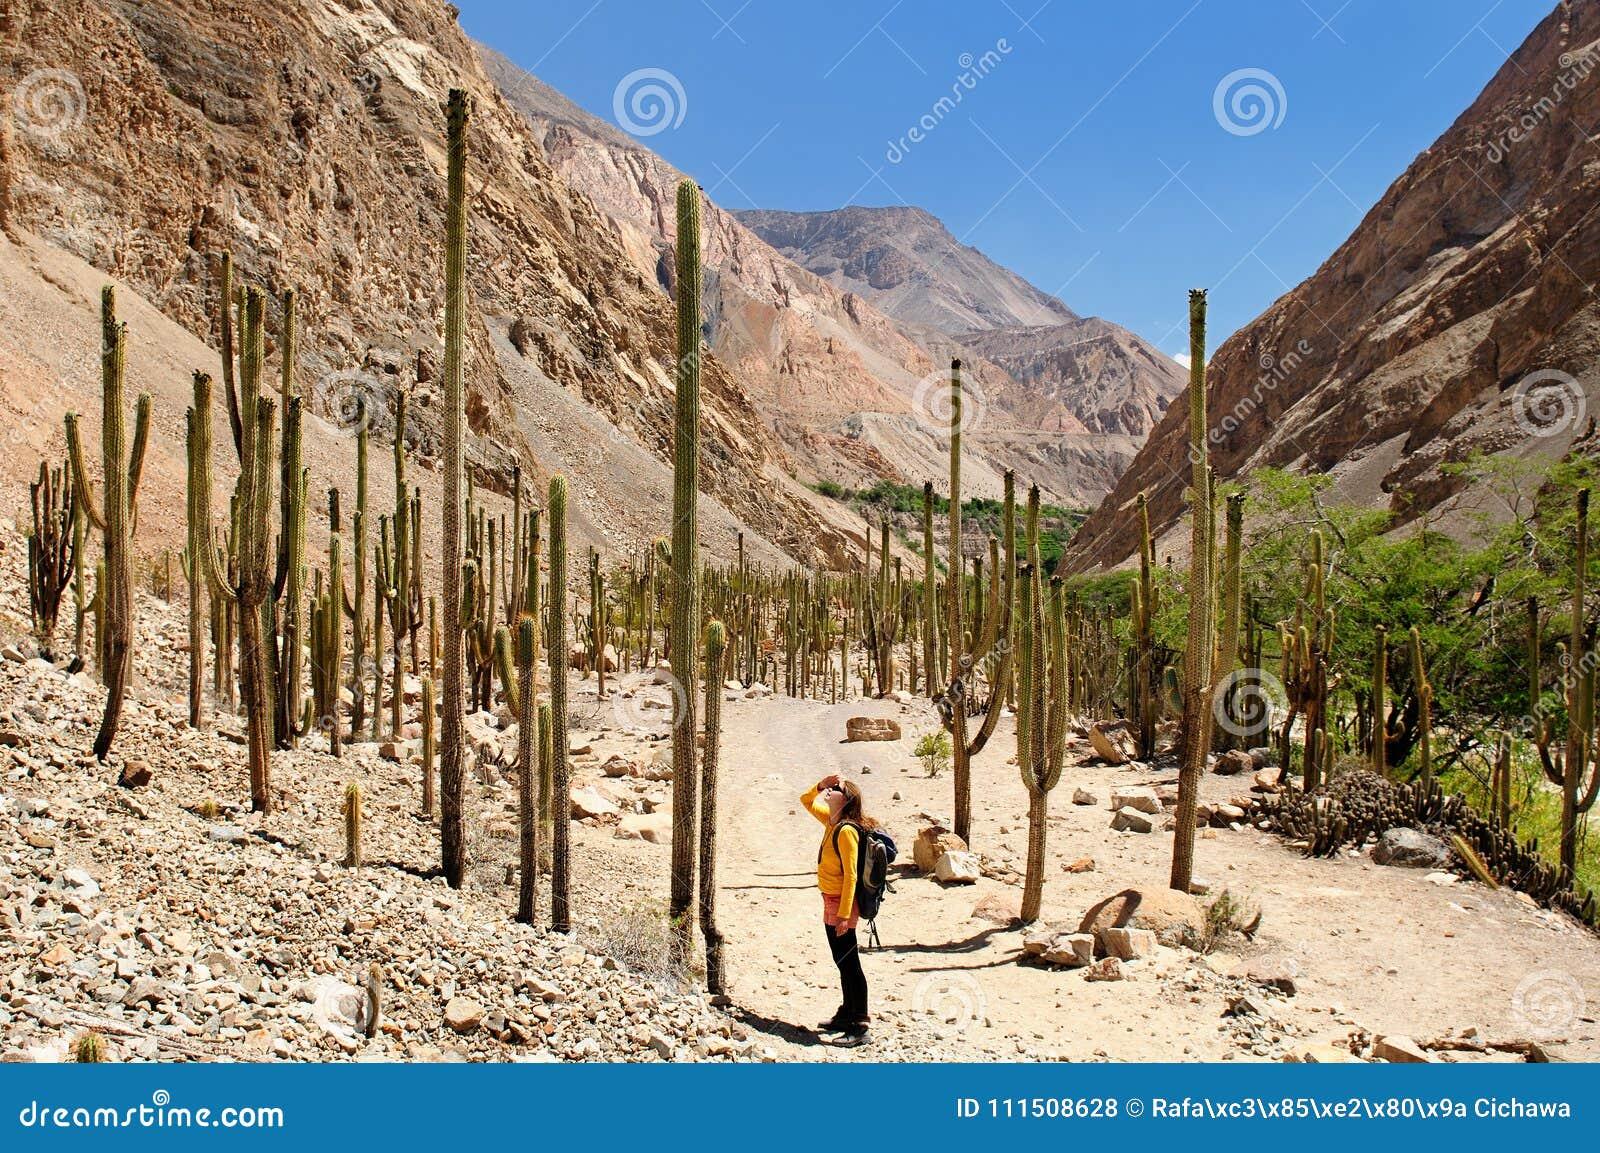 Turista em trekking no Peru